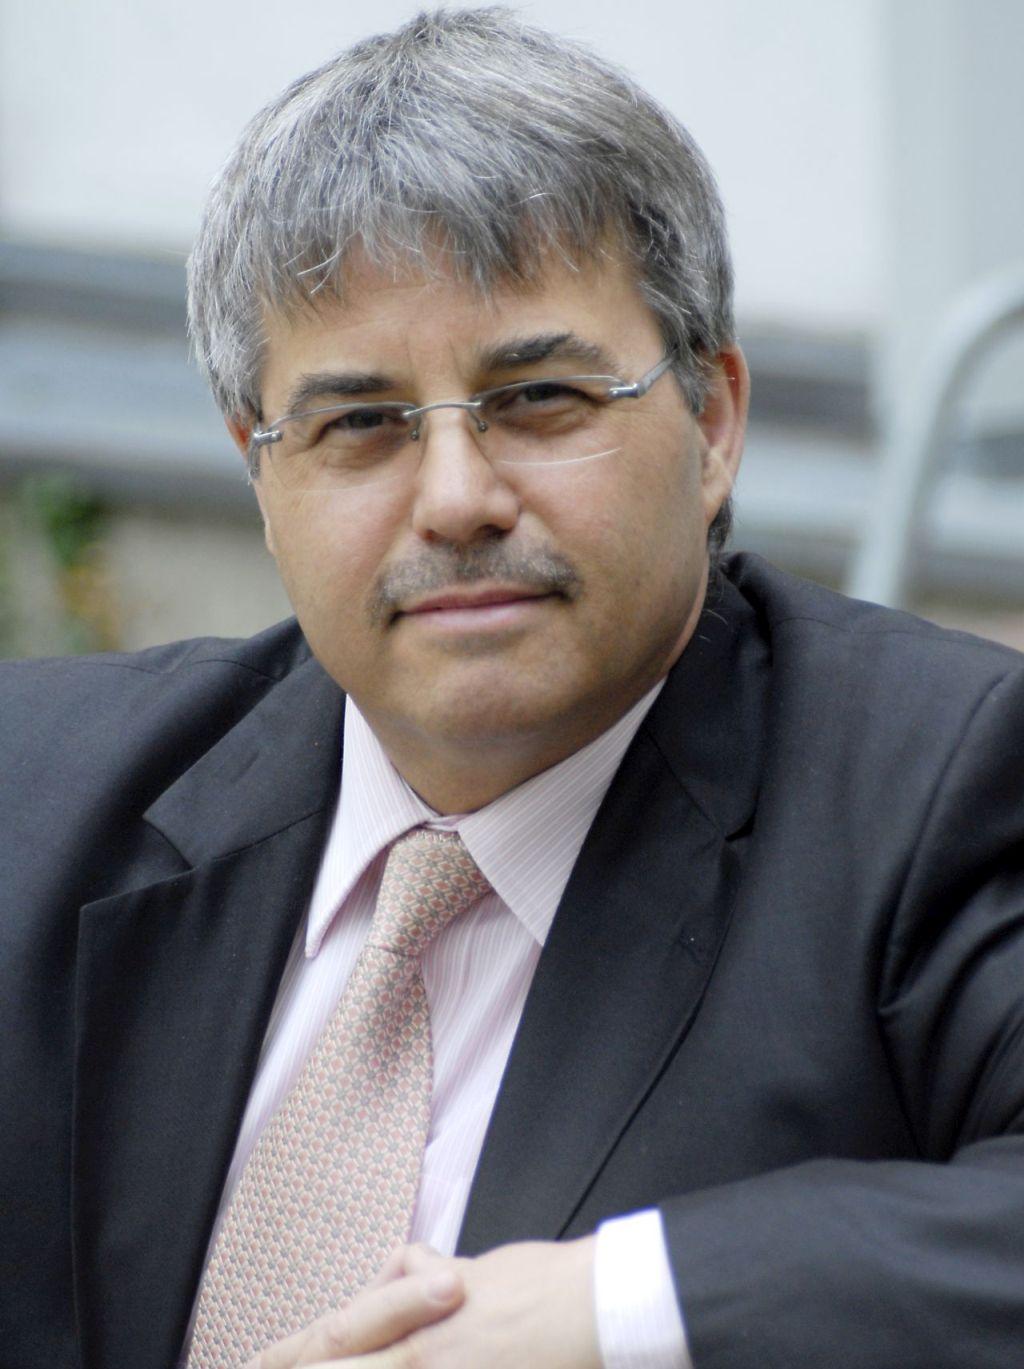 Nádasi Tamás, az Aquaprofit Zrt. társtulajdonos elnöke